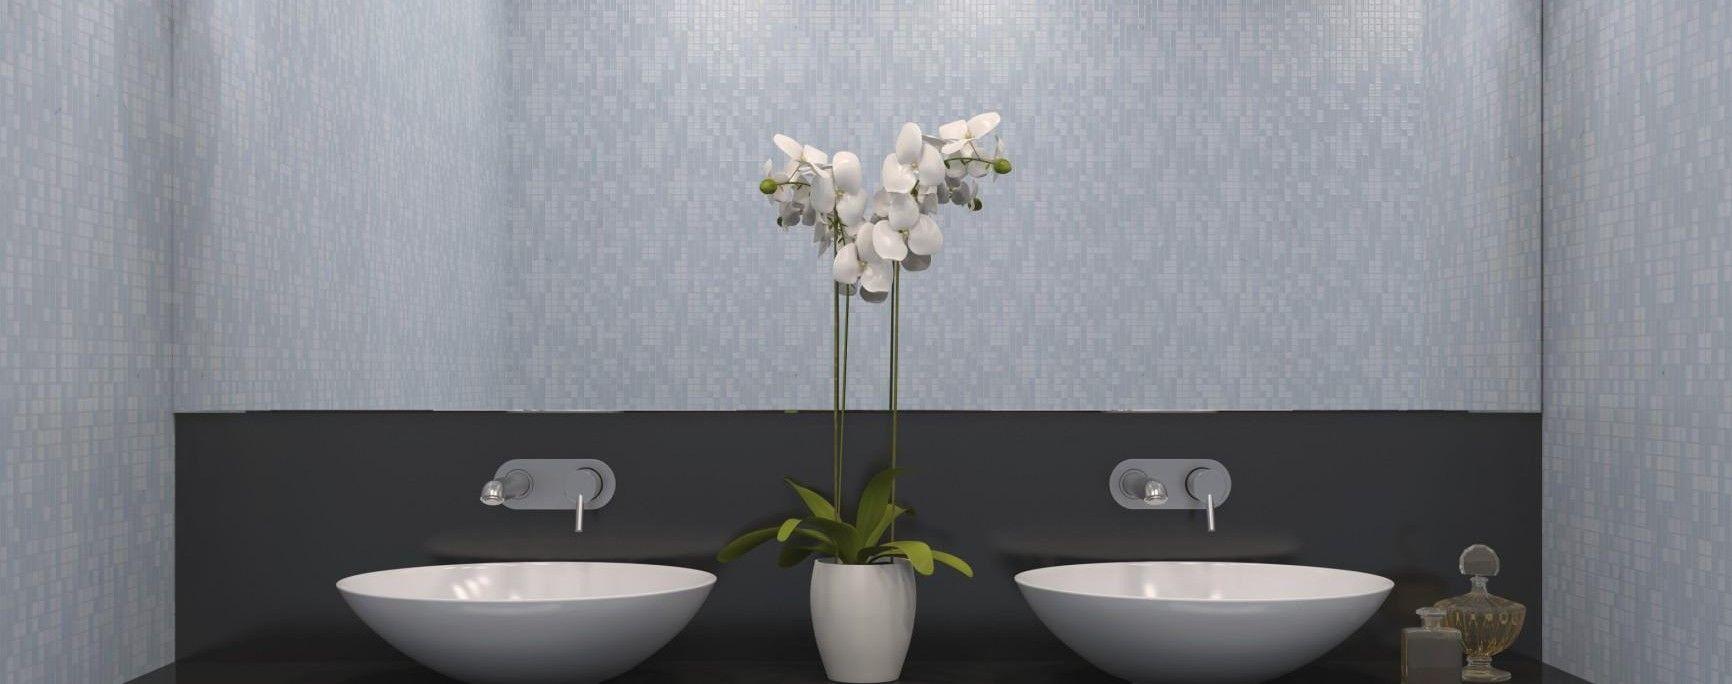 Idee e gadget divertenti per il bagno bigodino for Specchio bagno piccolo